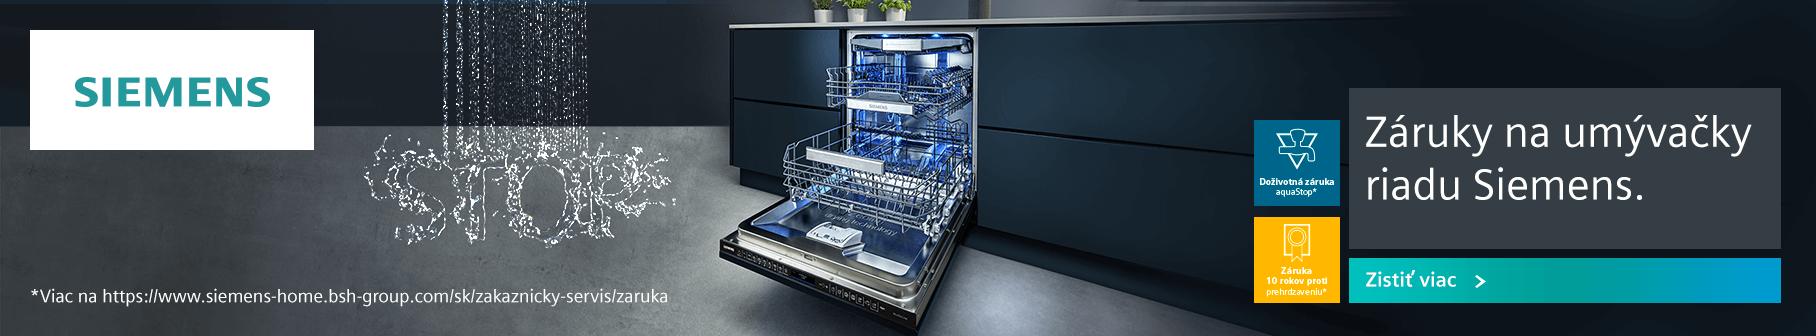 Siemens - 10 rokov záruka na prehrdzaveniu vnútorných stien umývačky riadu